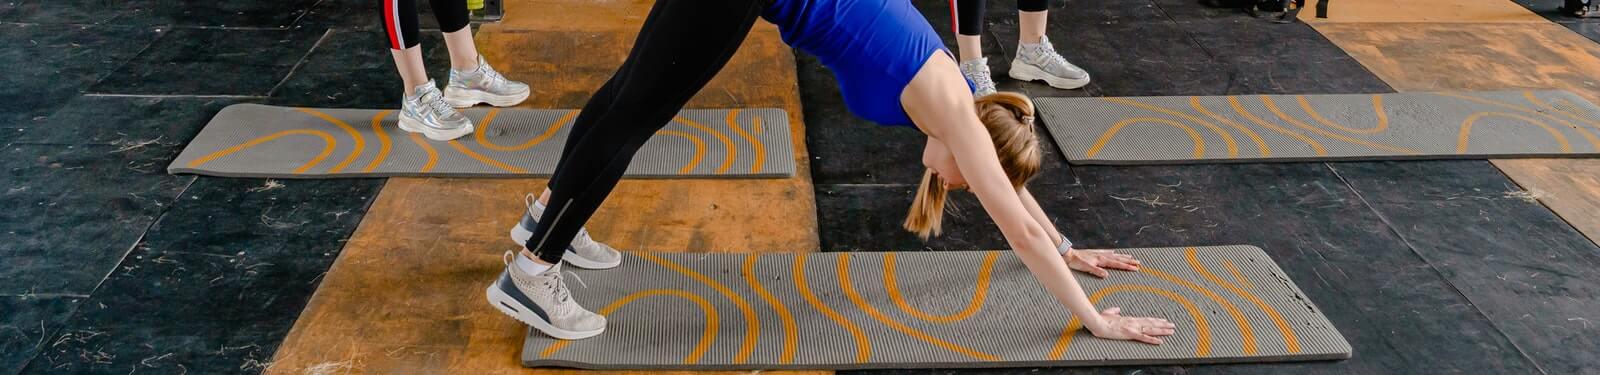 fortalece espalda piernas y brazos